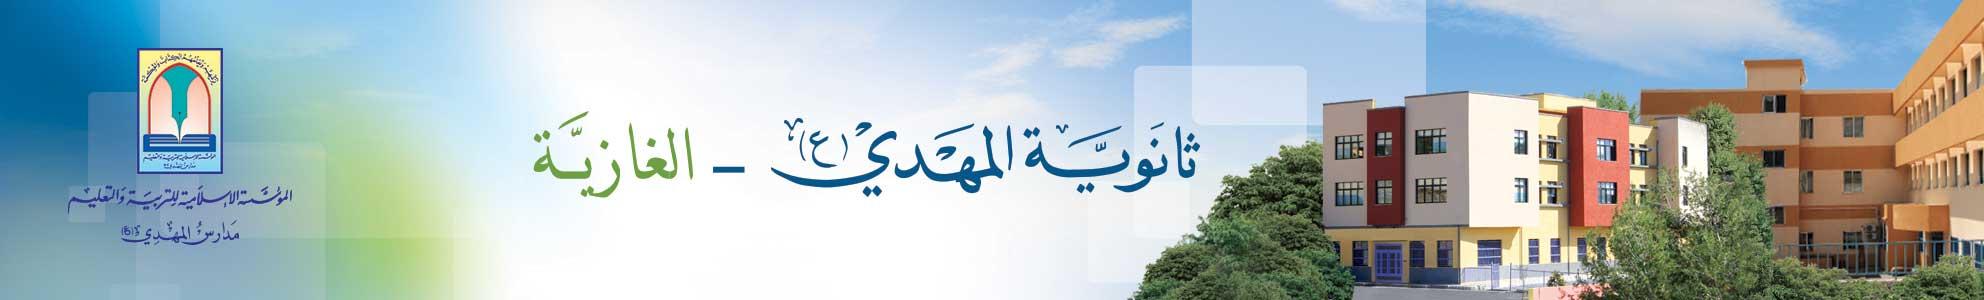 ghazeih